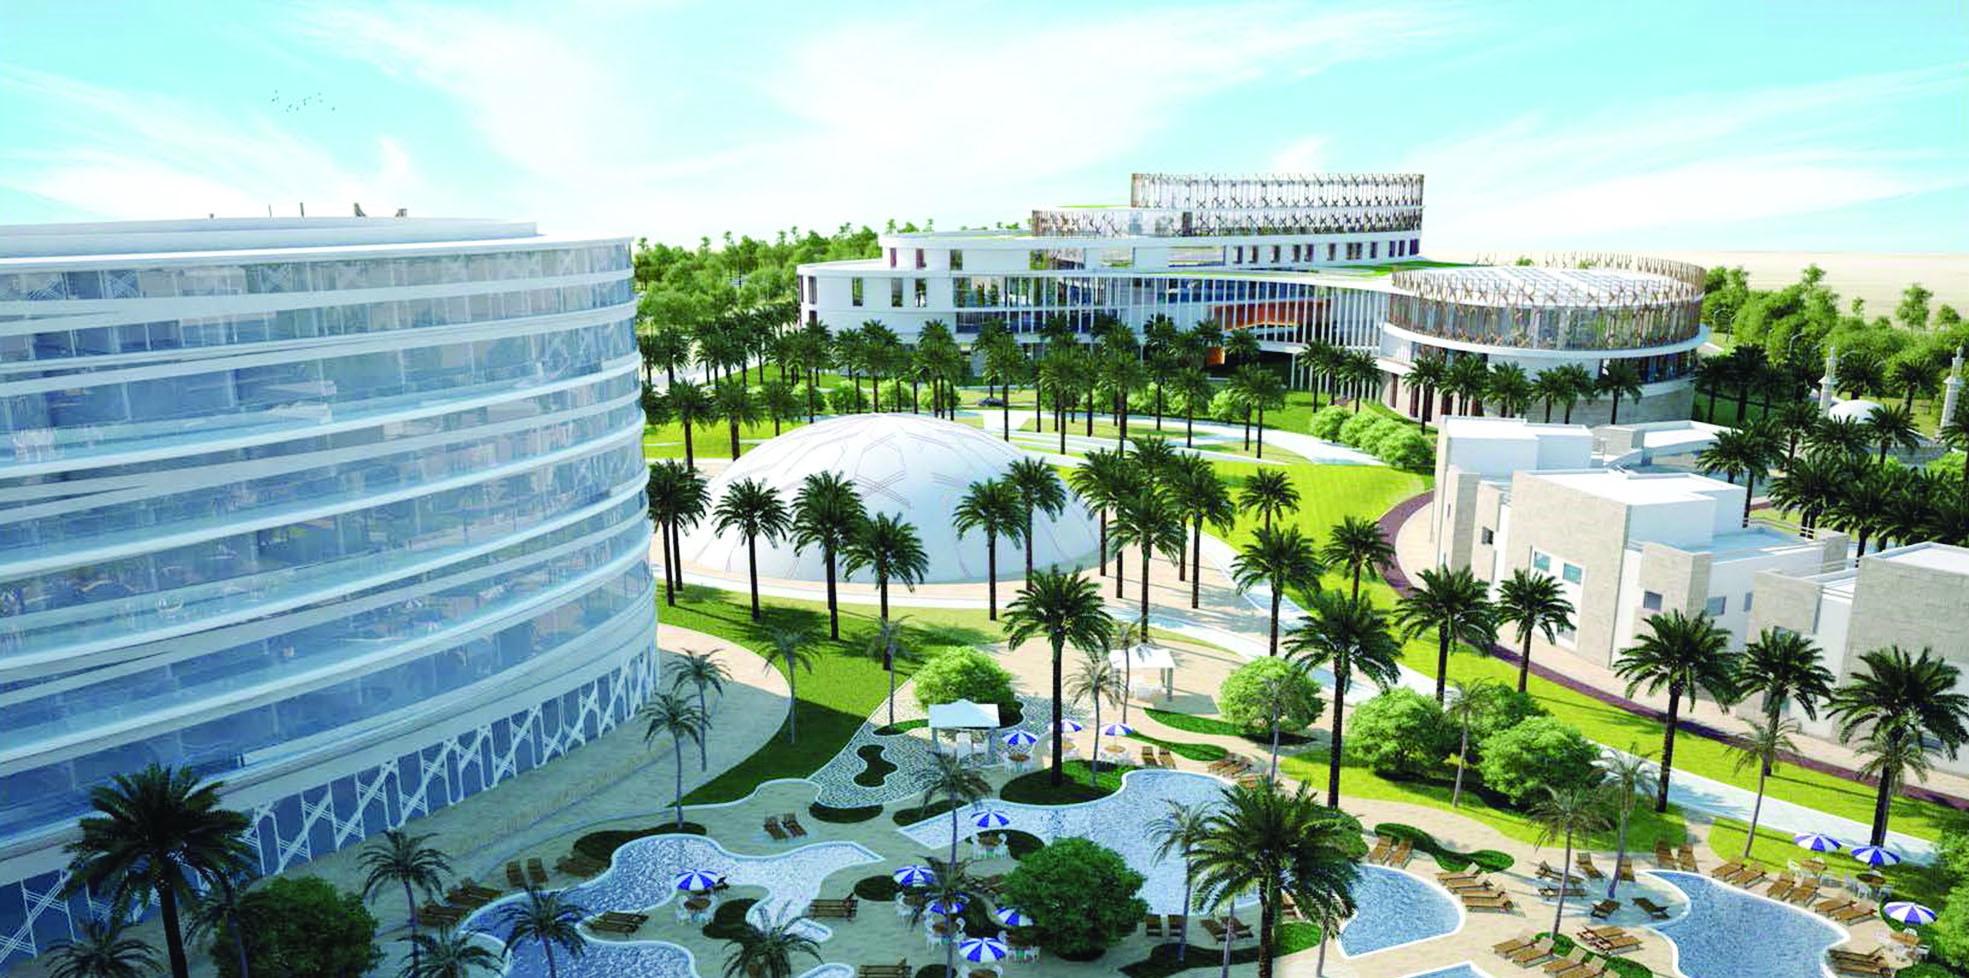 في مرتفعات المطار والخوير وغلا«التجارة والصناعة» تطرح 3 أراض للاستثمار والتطوير العقاري